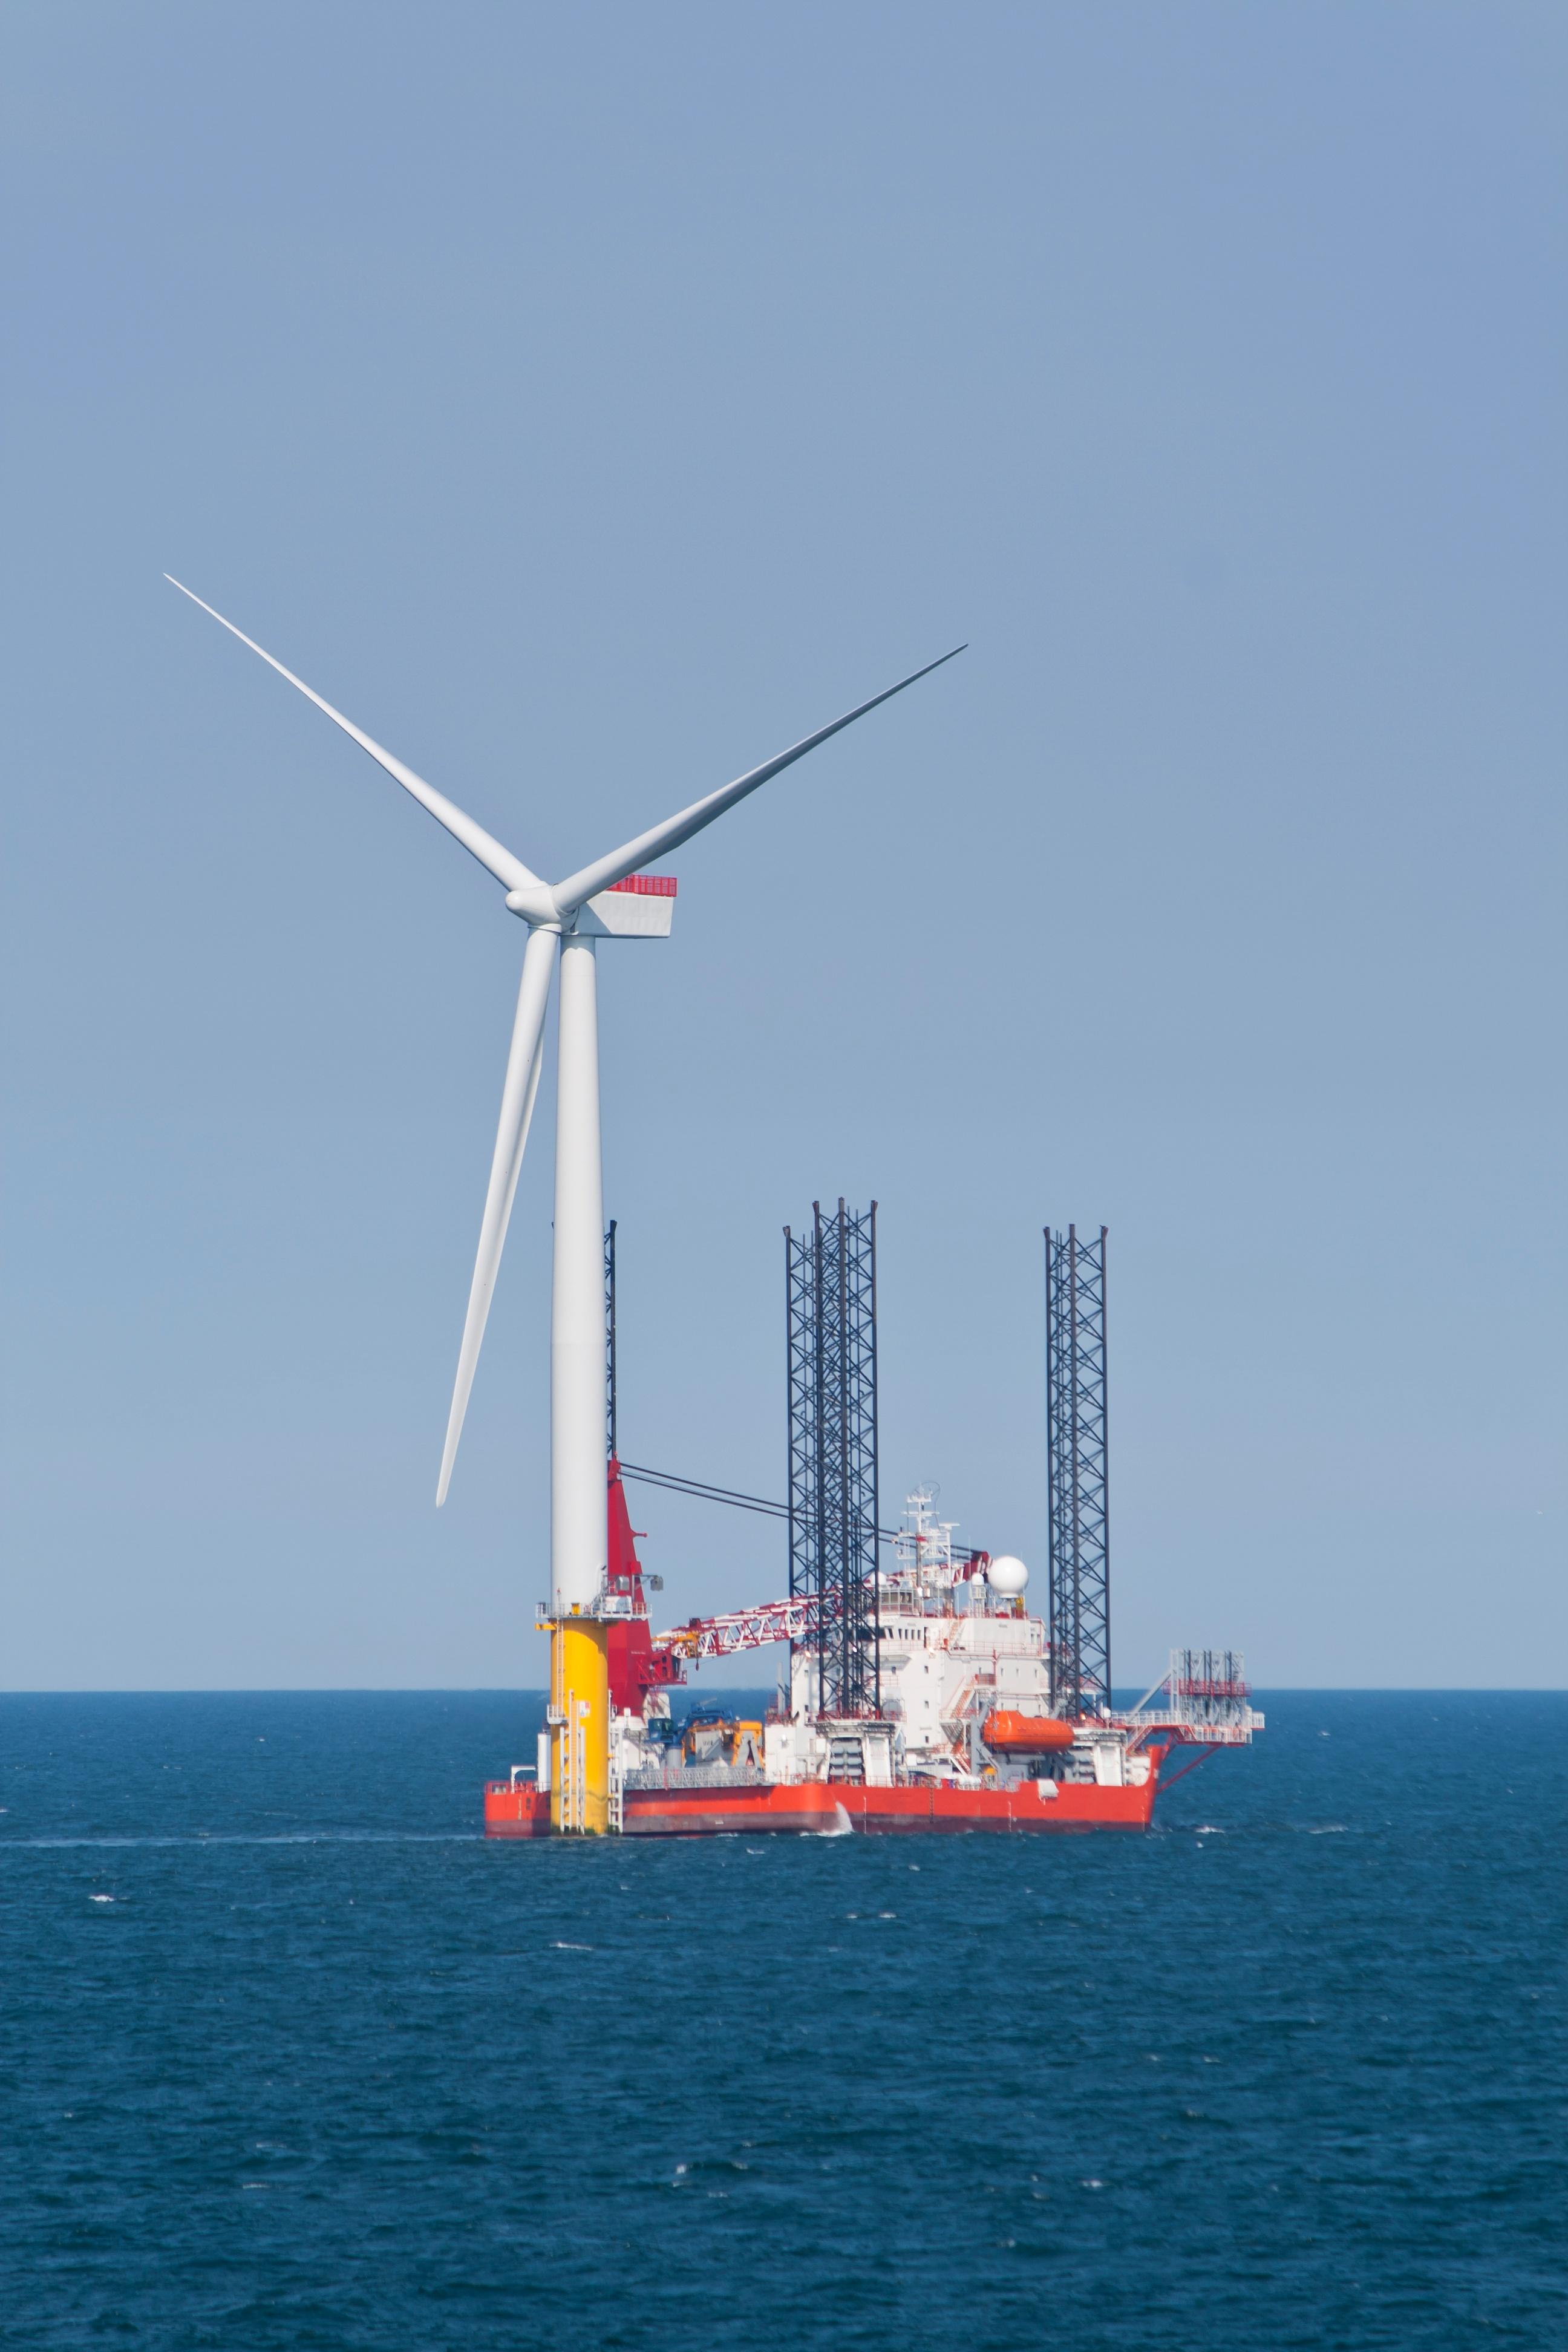 Wind_Turbine_Offshore_Under_Construction.jpg